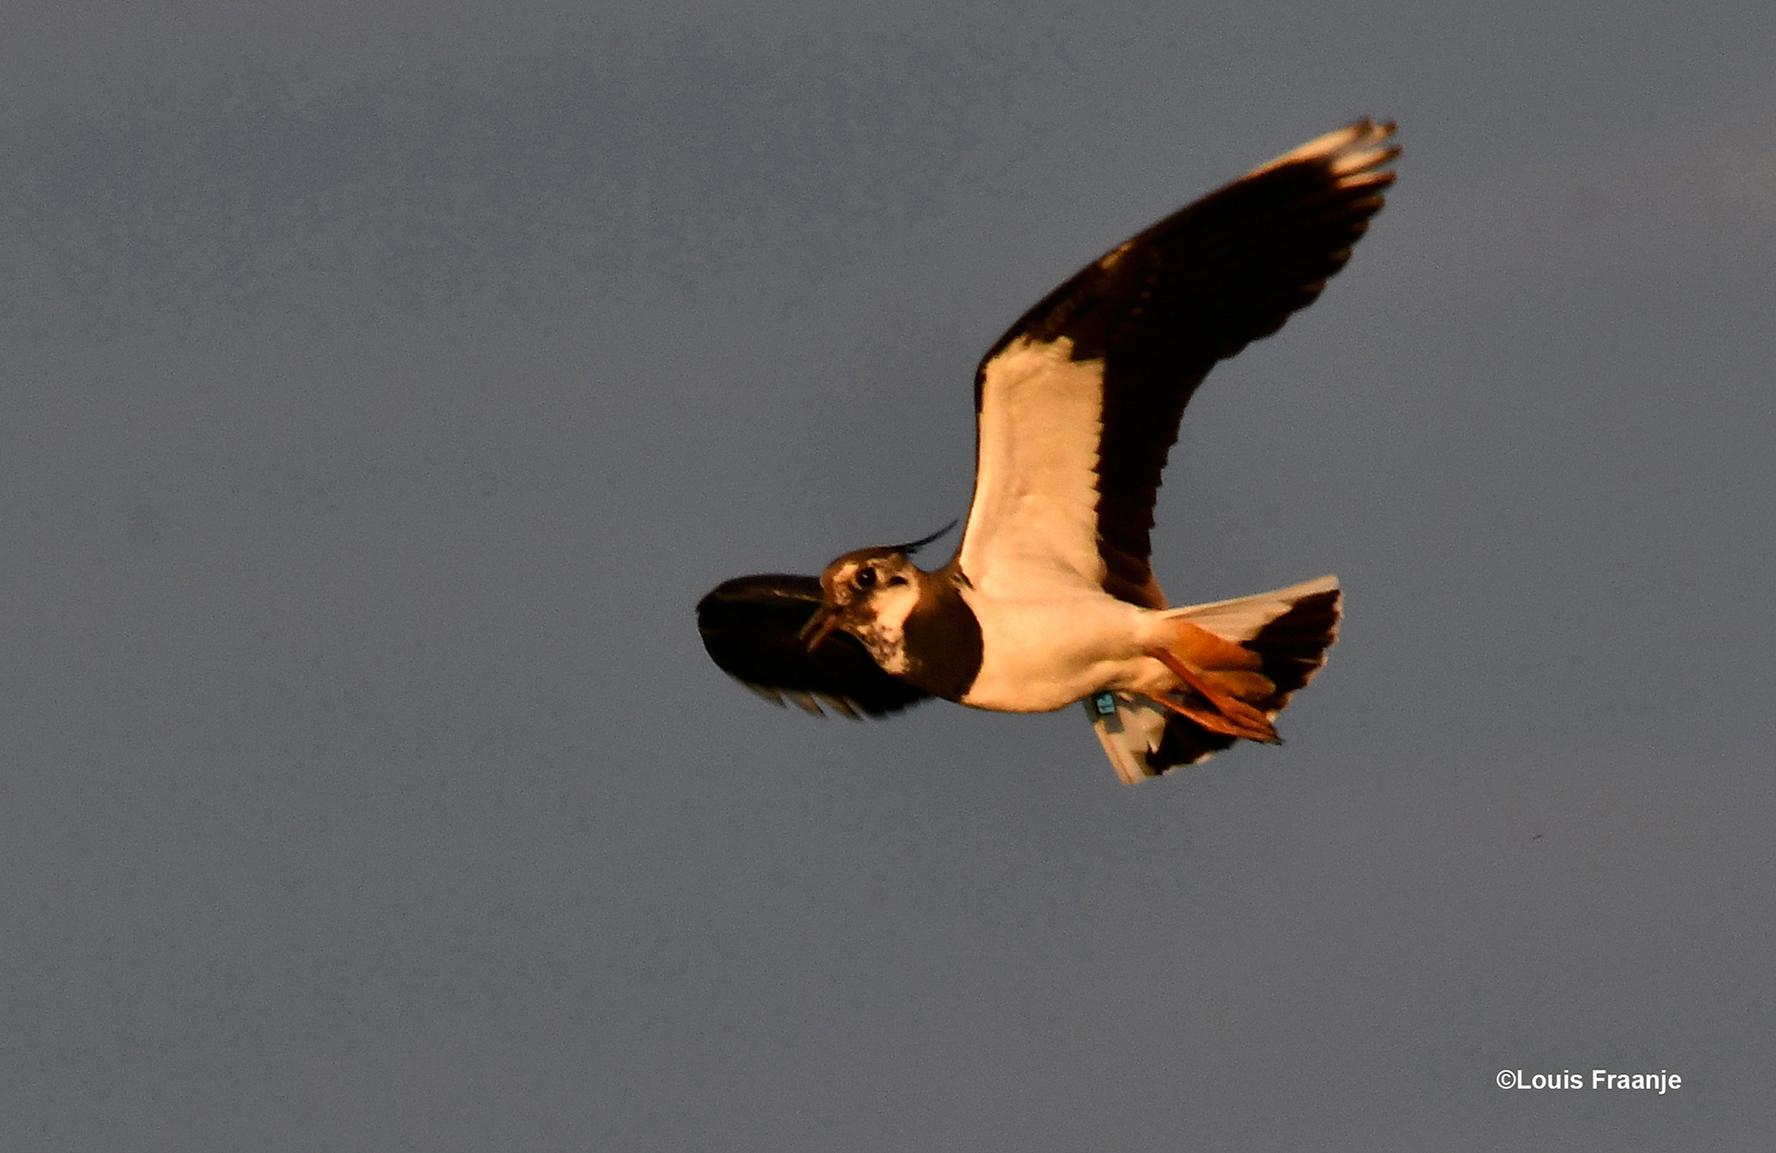 Een Kievit komt laag over ons heen buitelen, die zal dus wel een nest vlak in de buurt hebben - Foto: ©Louis Fraanje